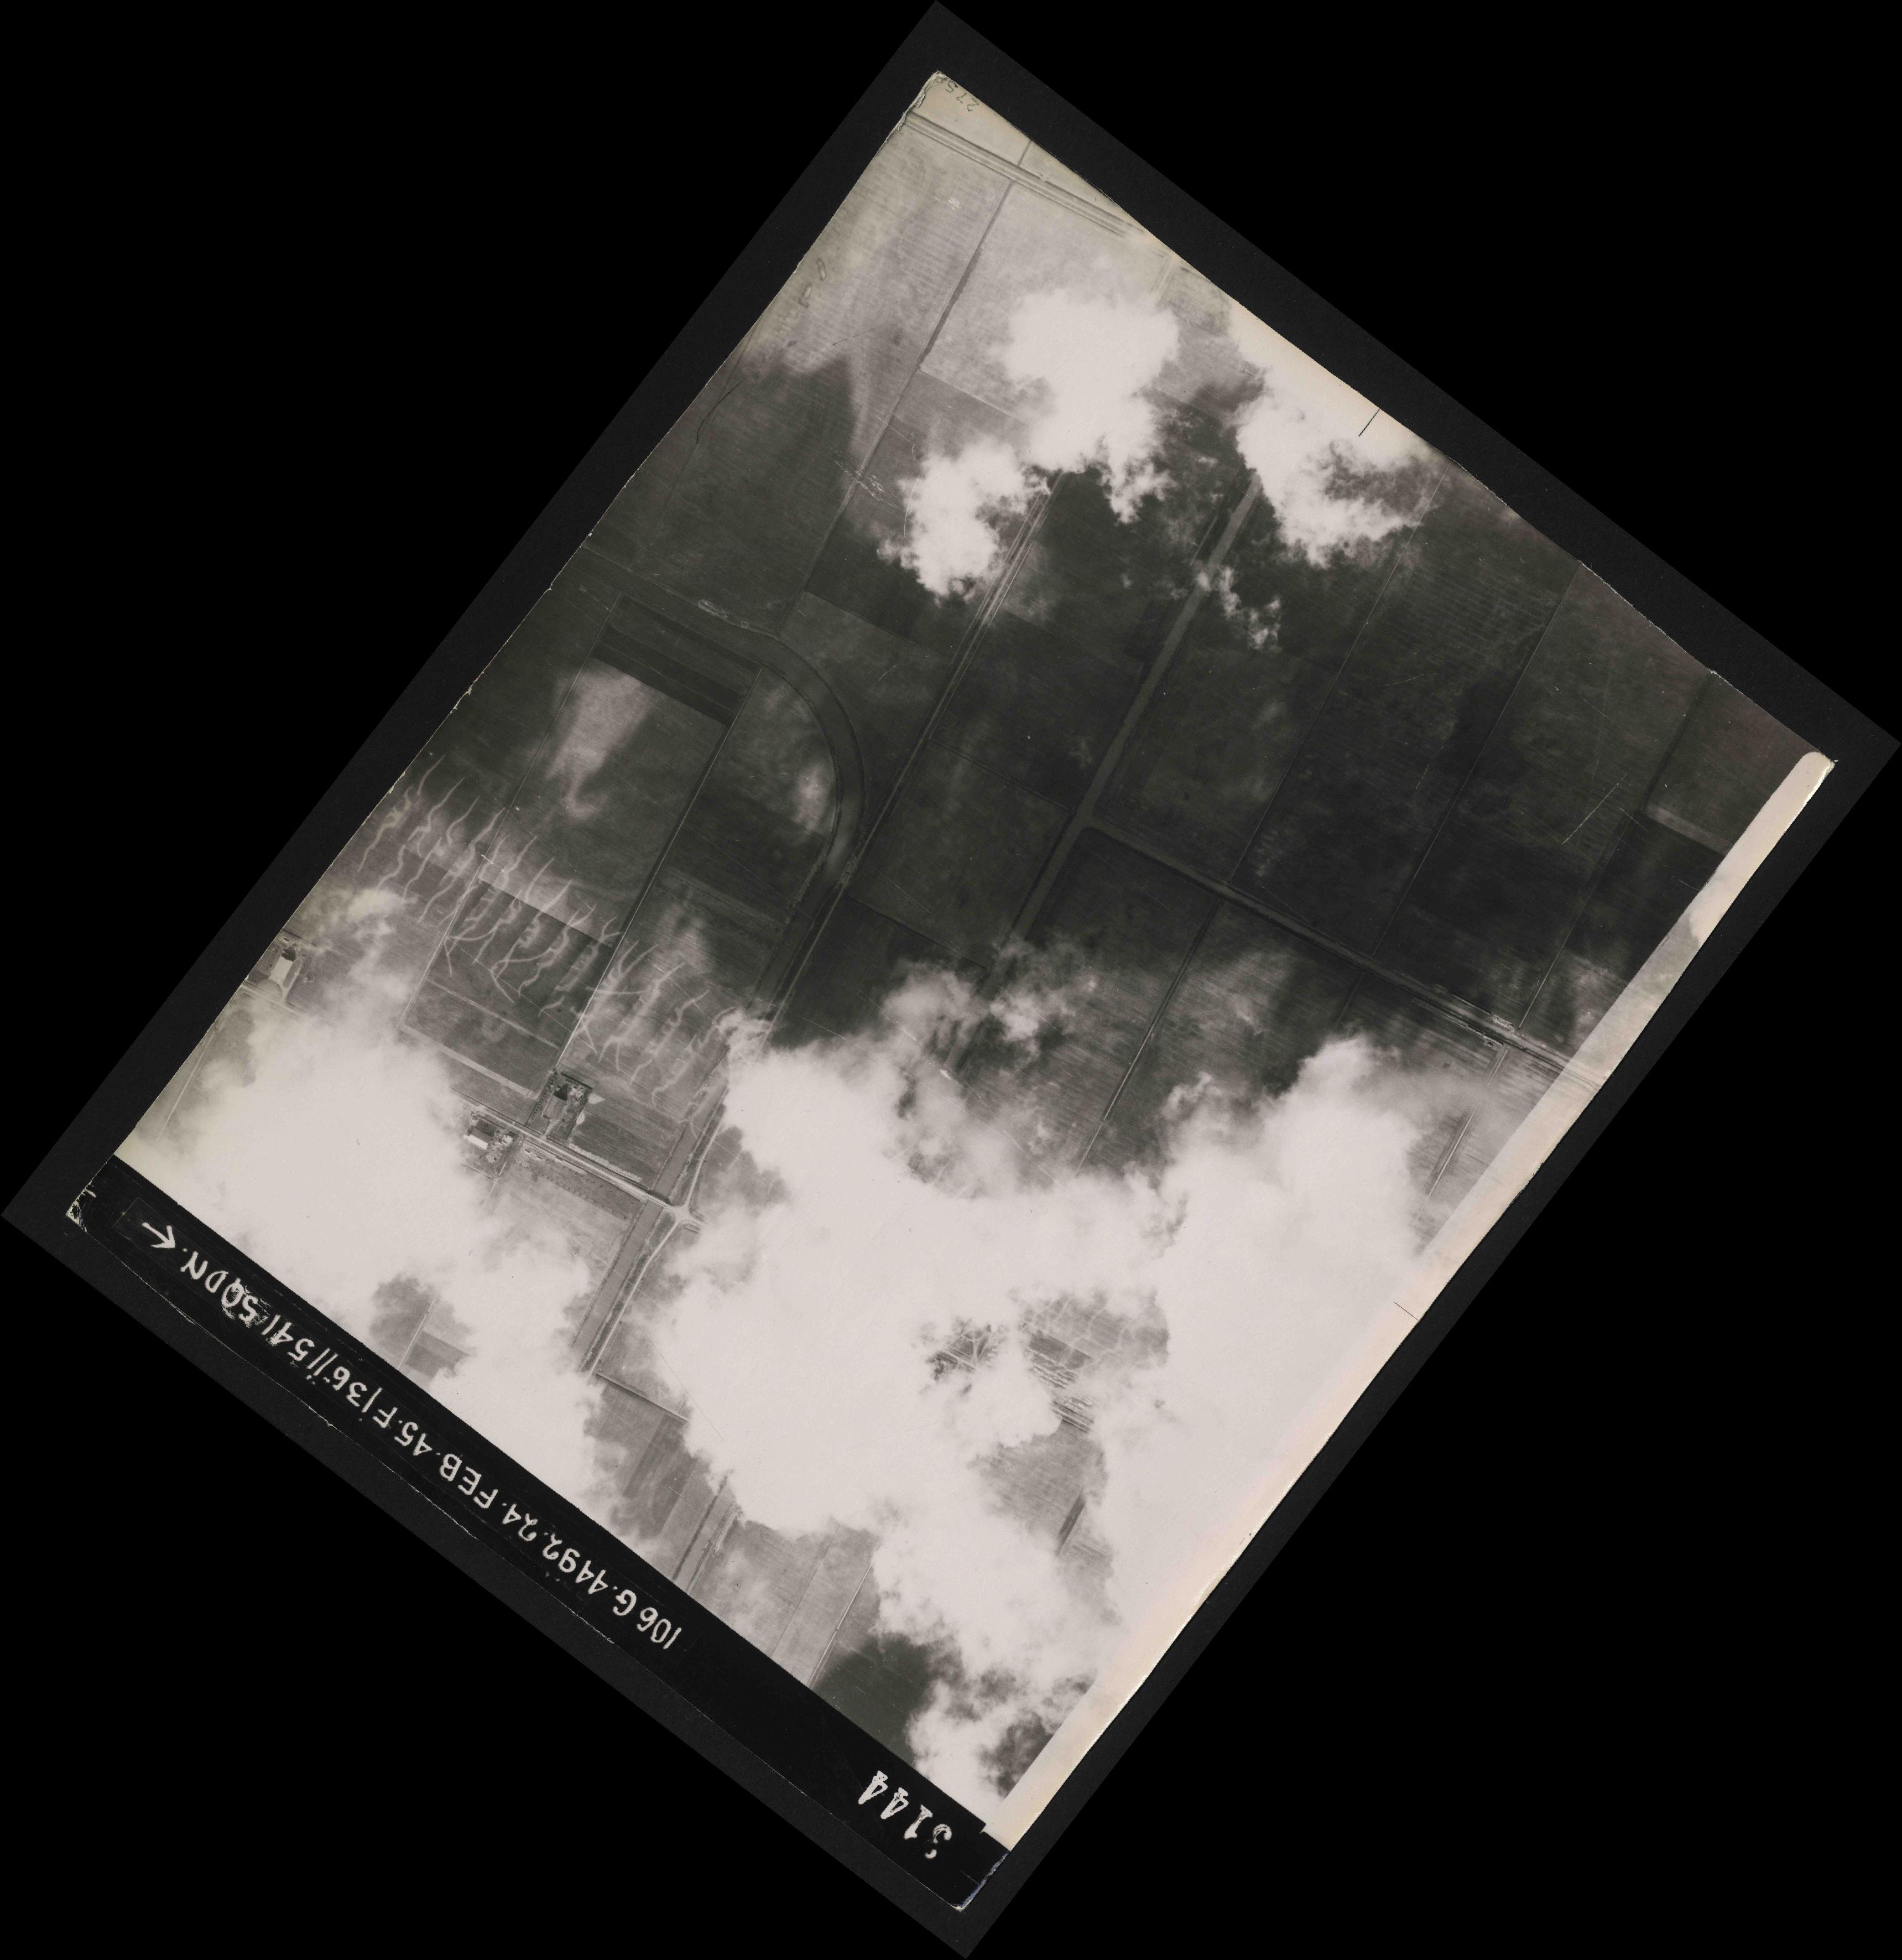 Collection RAF aerial photos 1940-1945 - flight 112, run 13, photo 3144